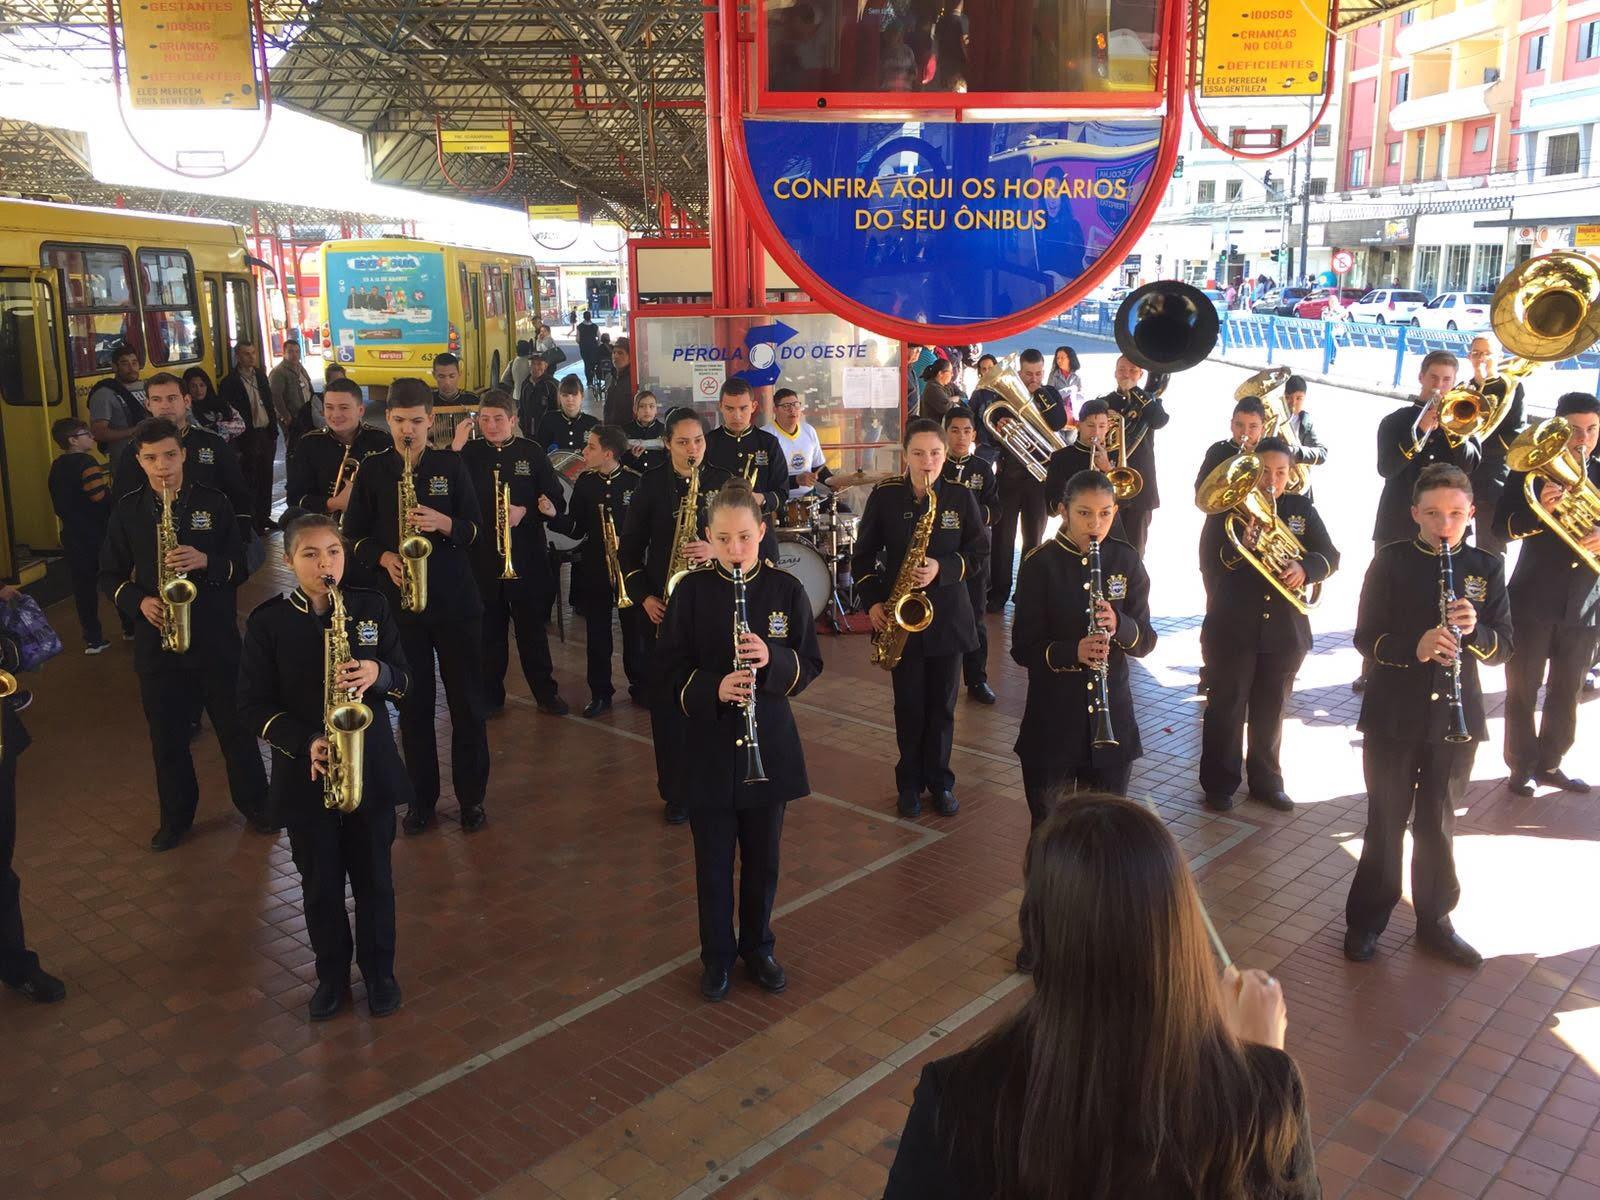 Momento Cultural – Banda Municipal encanta passageiros no Terminal da Fonte